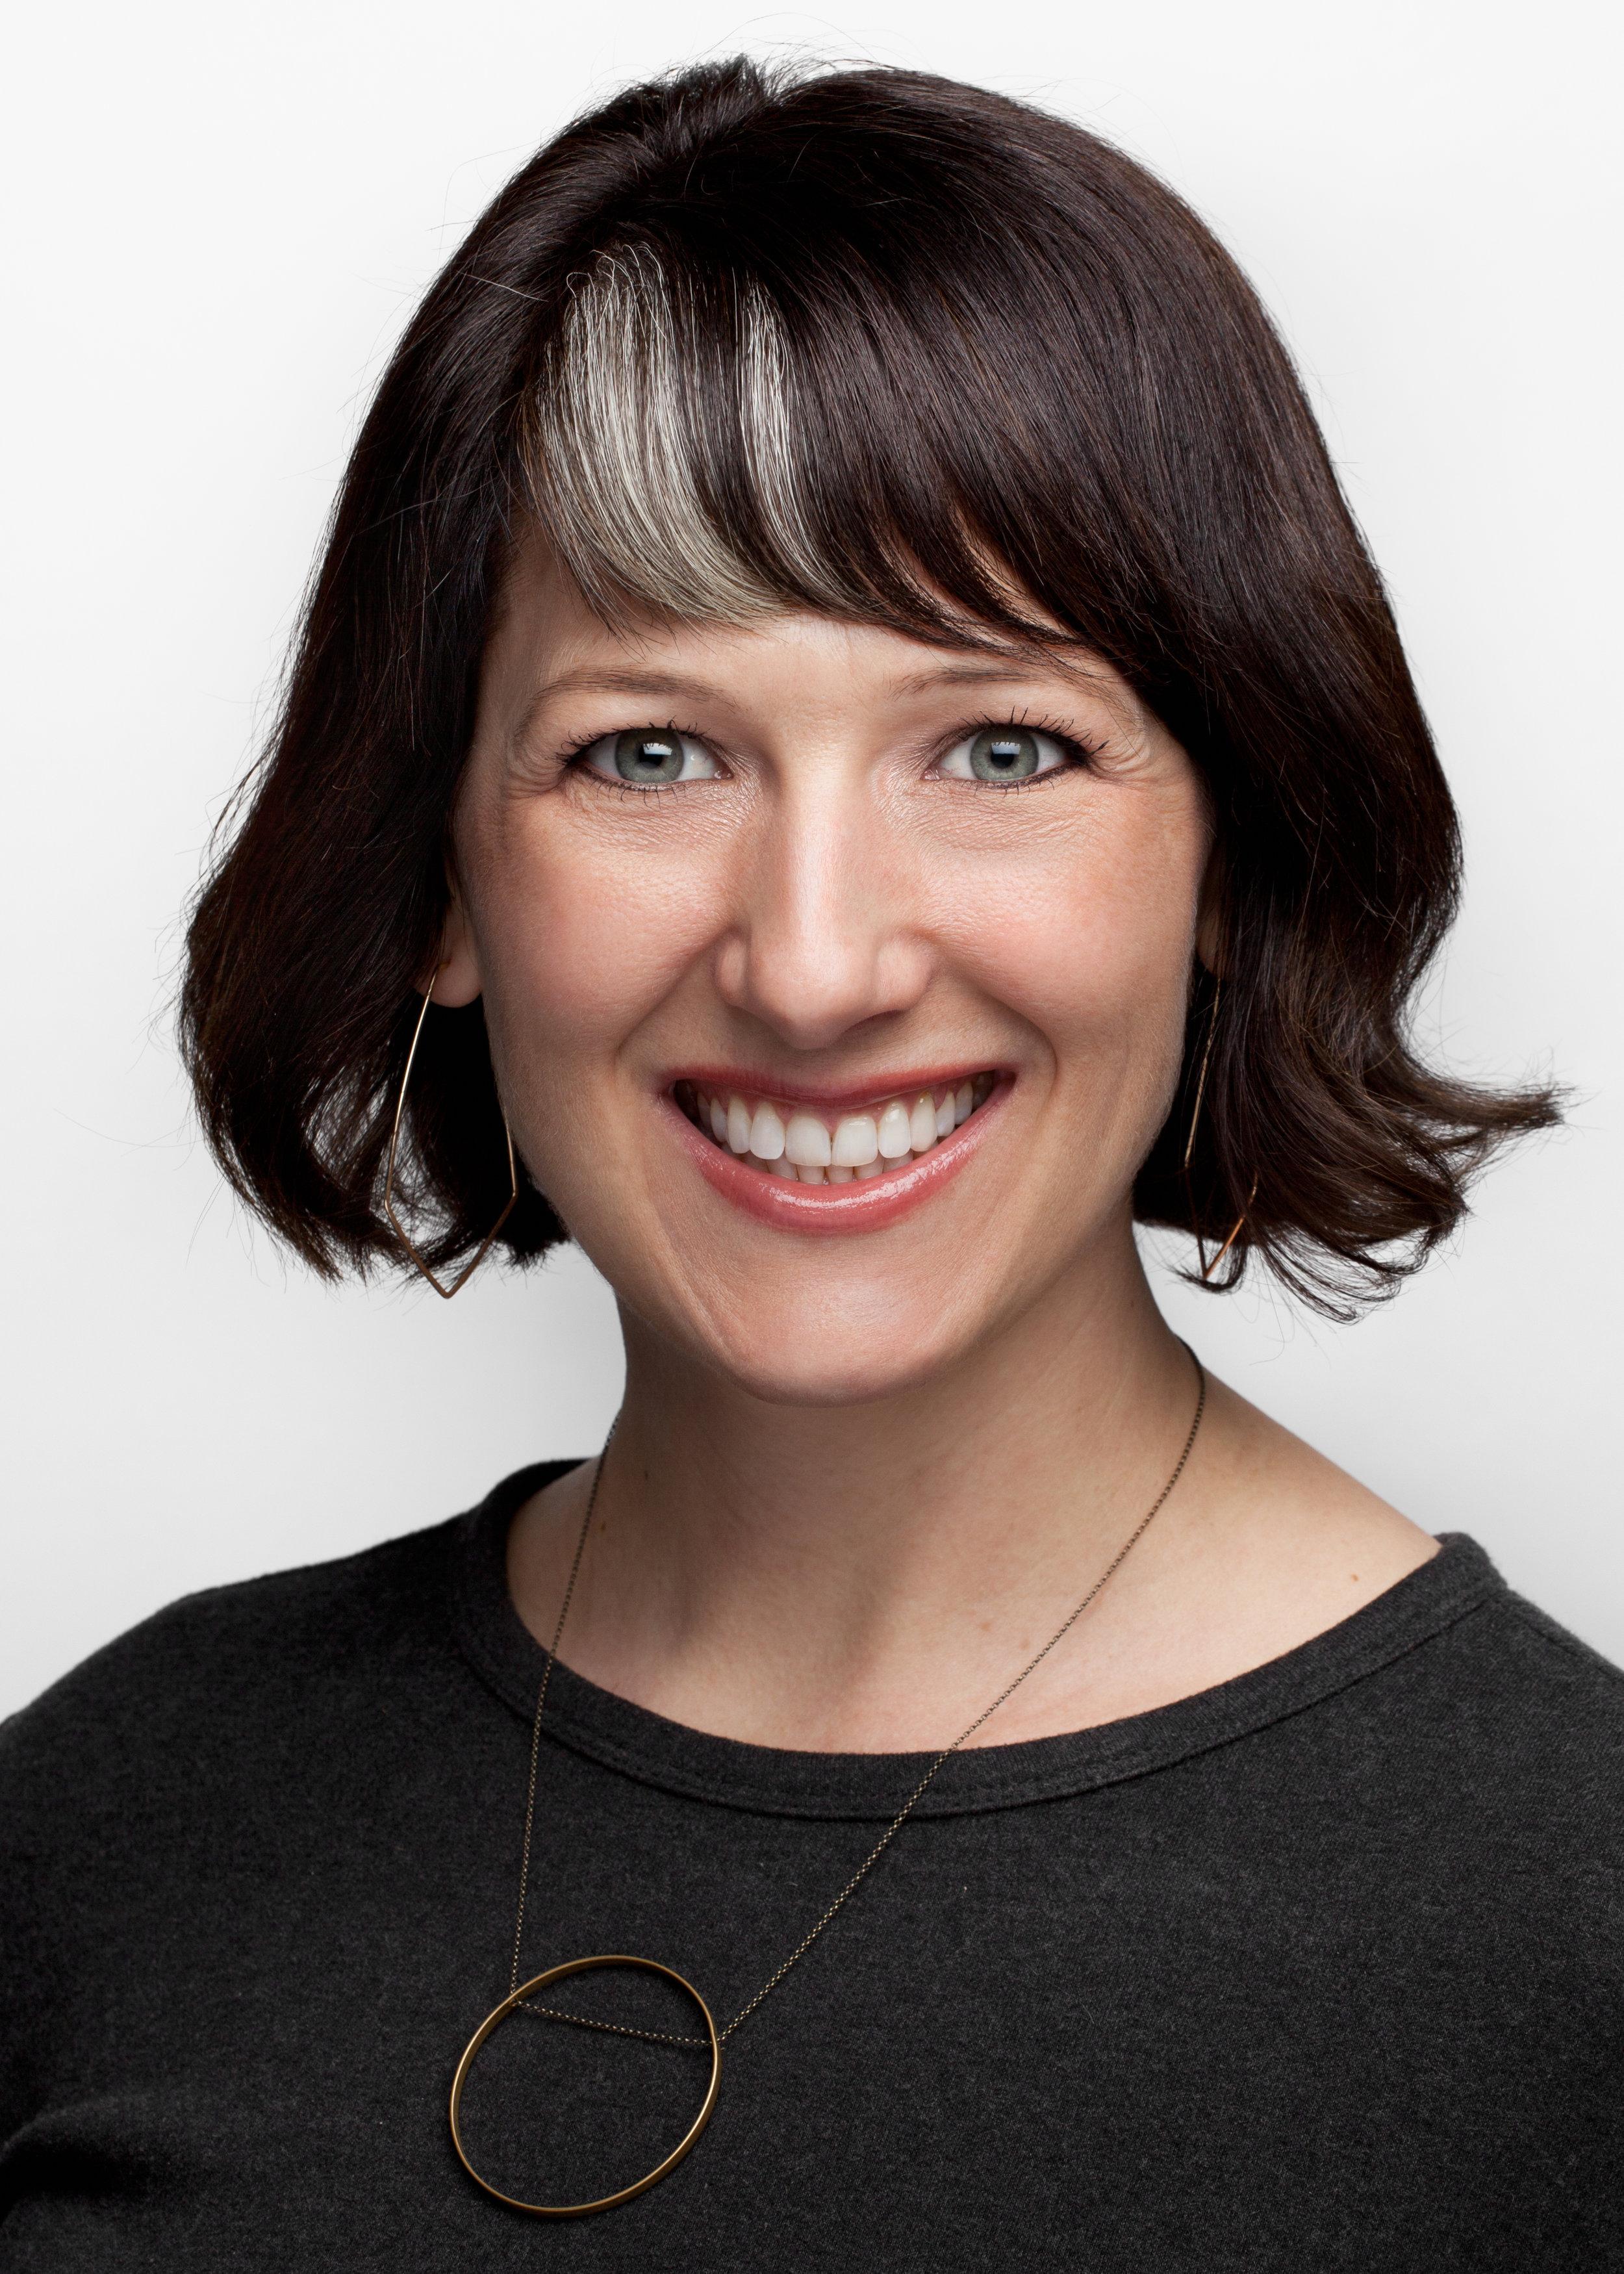 Sarah Puls, Senior Designer